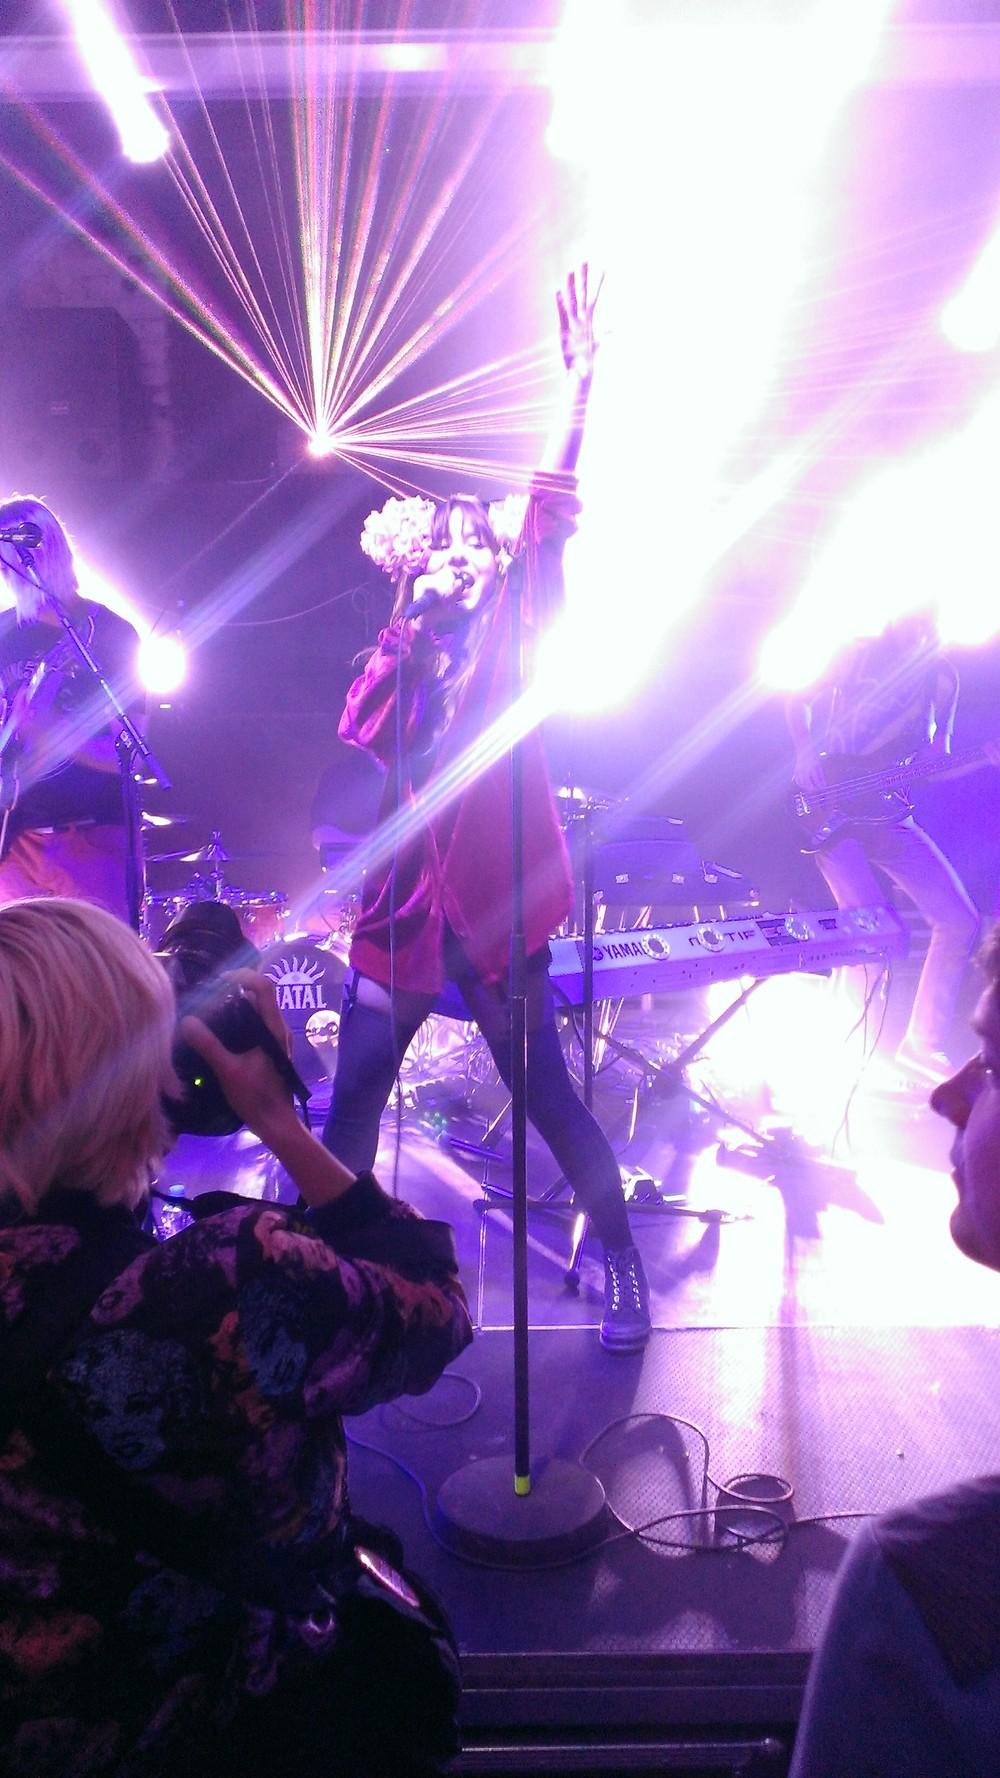 Iiris Concert 3.jpg